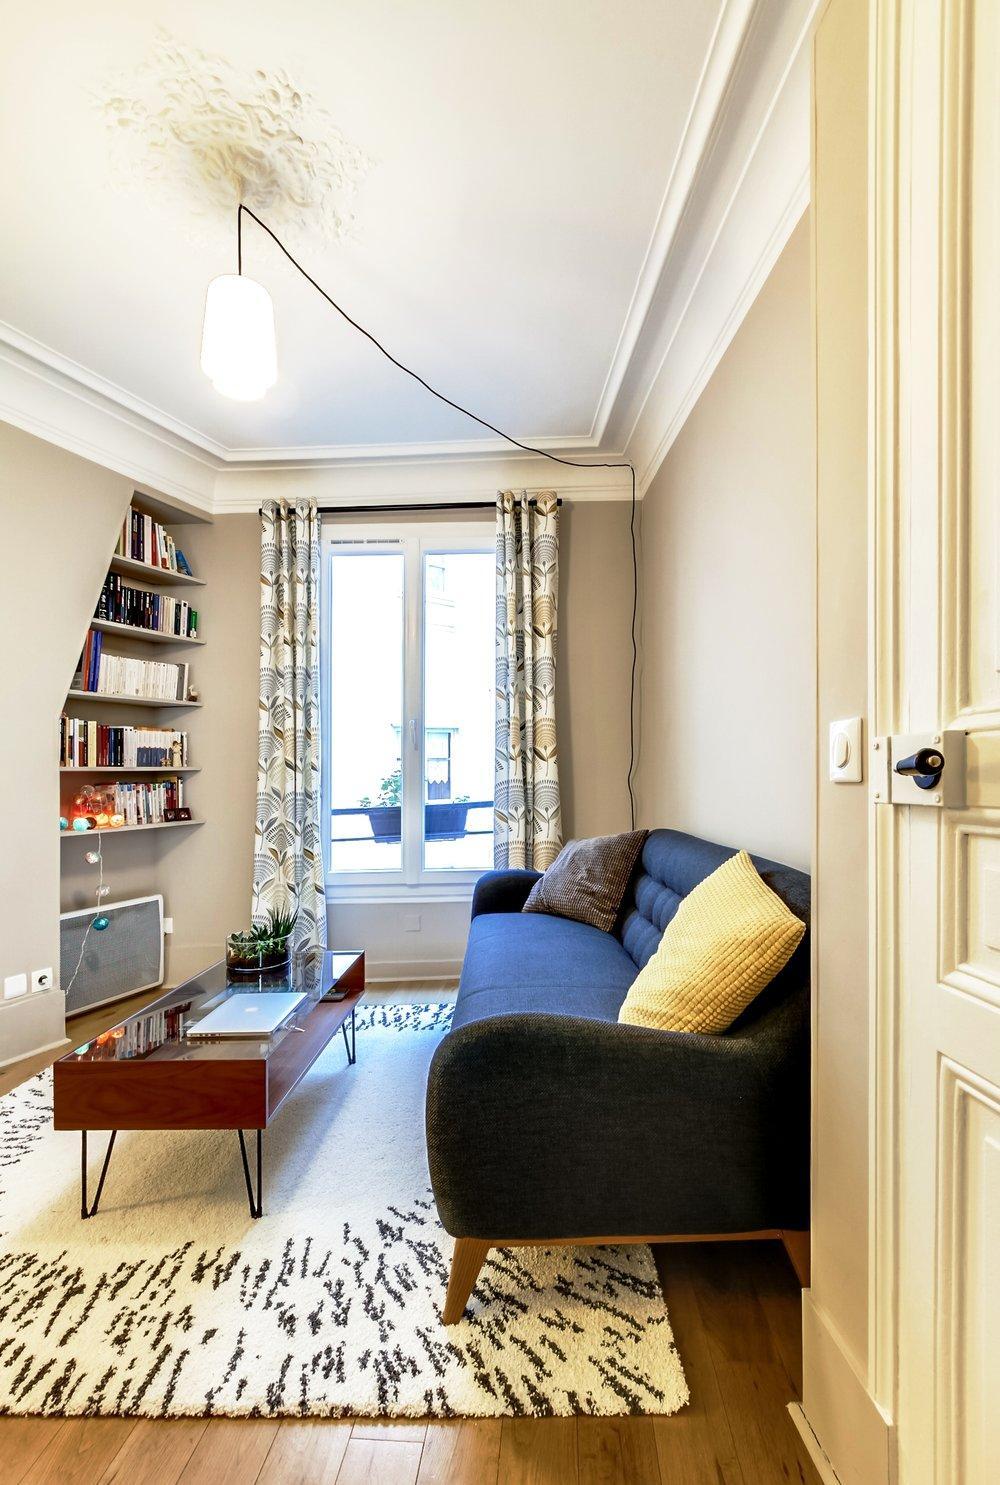 Обстановка однокомнатной квартиры в стиле ретро